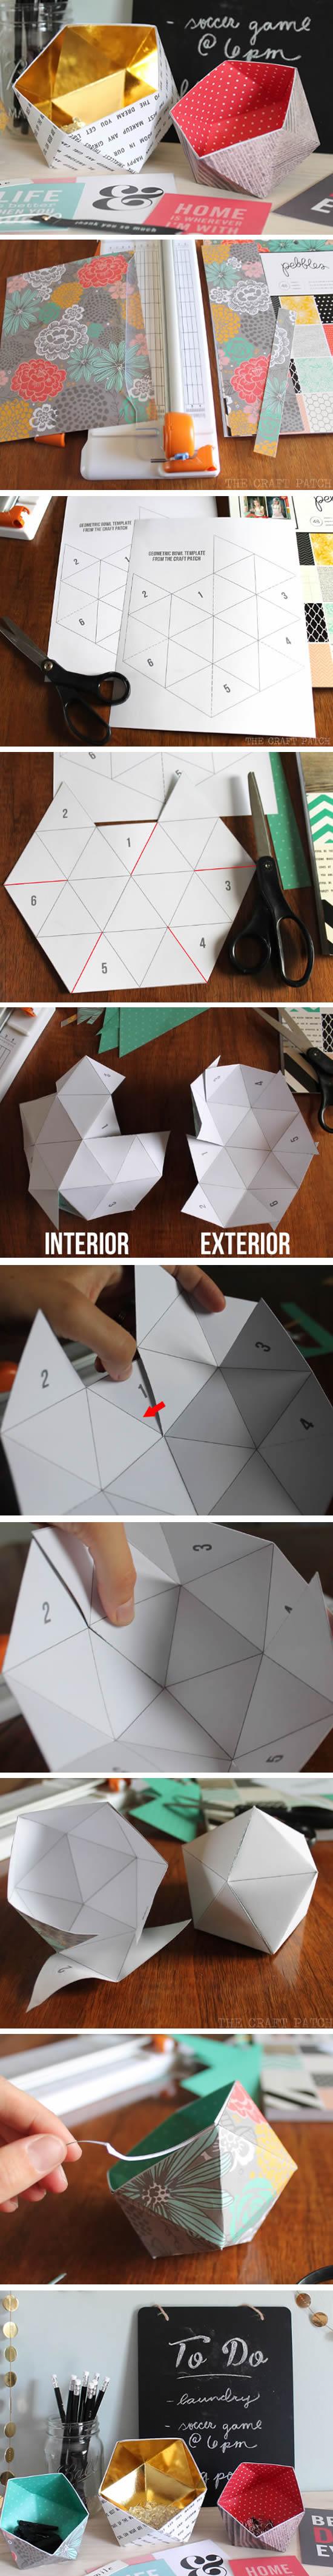 Enfeite de papel com moldes